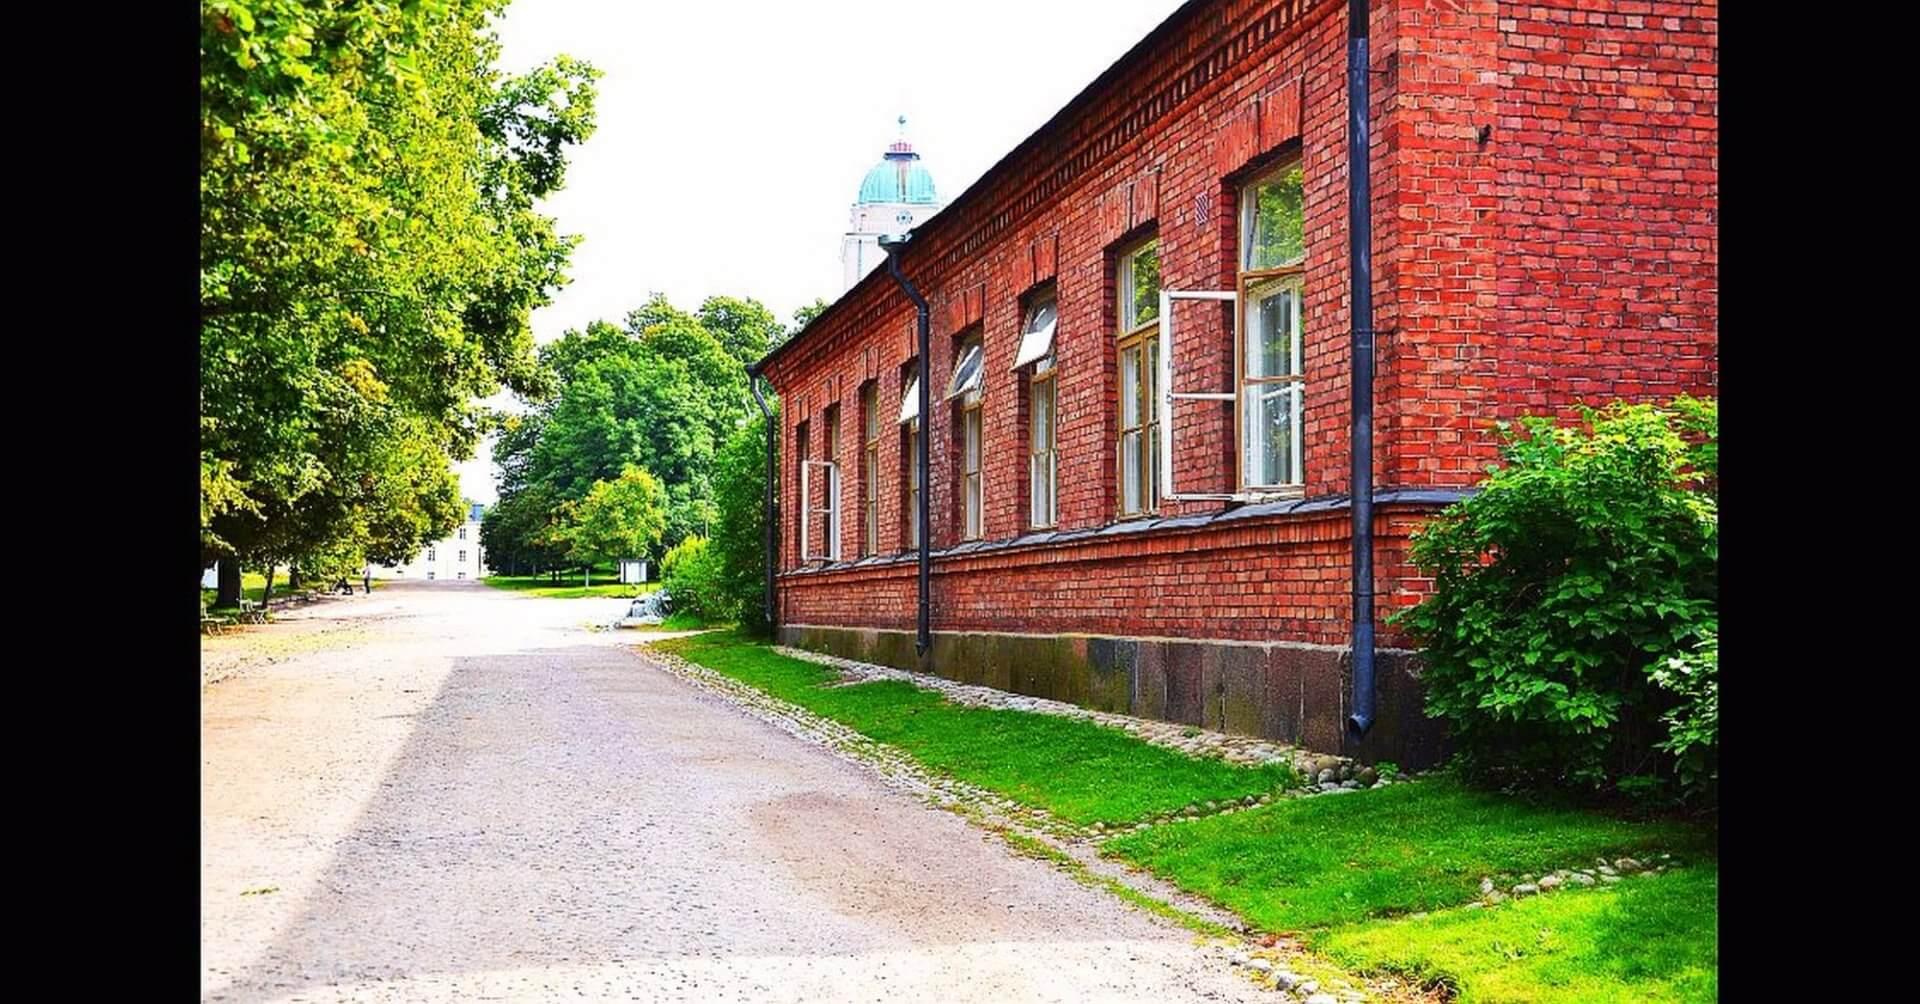 ホステル・スオメンリンナのホームページより。レンガ造りの外観がフィンランドの歴史を感じさせる。奥に見えるのはスオメンリンナ教会